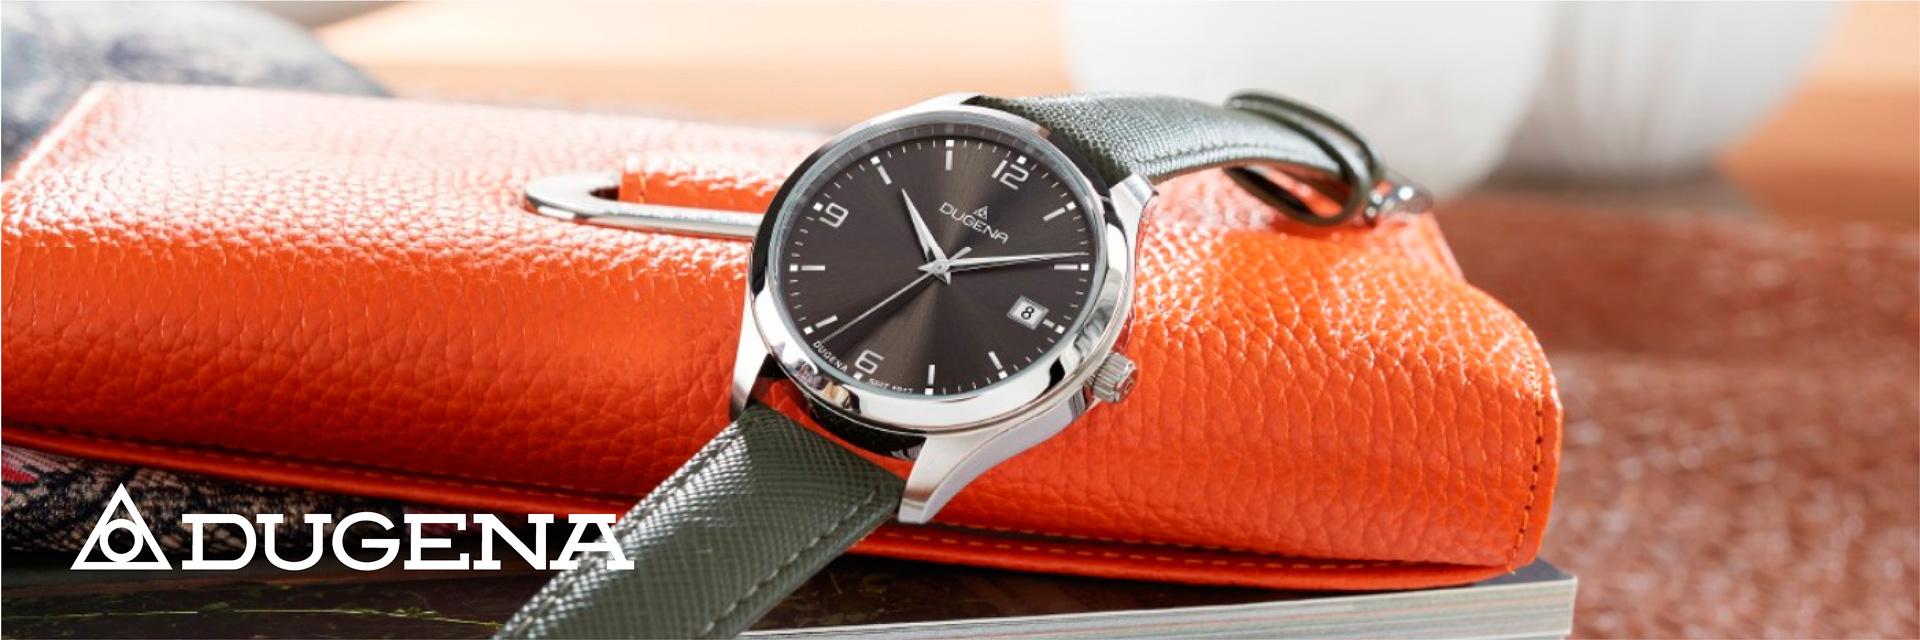 Klassischen Armbanduhren von Dugena